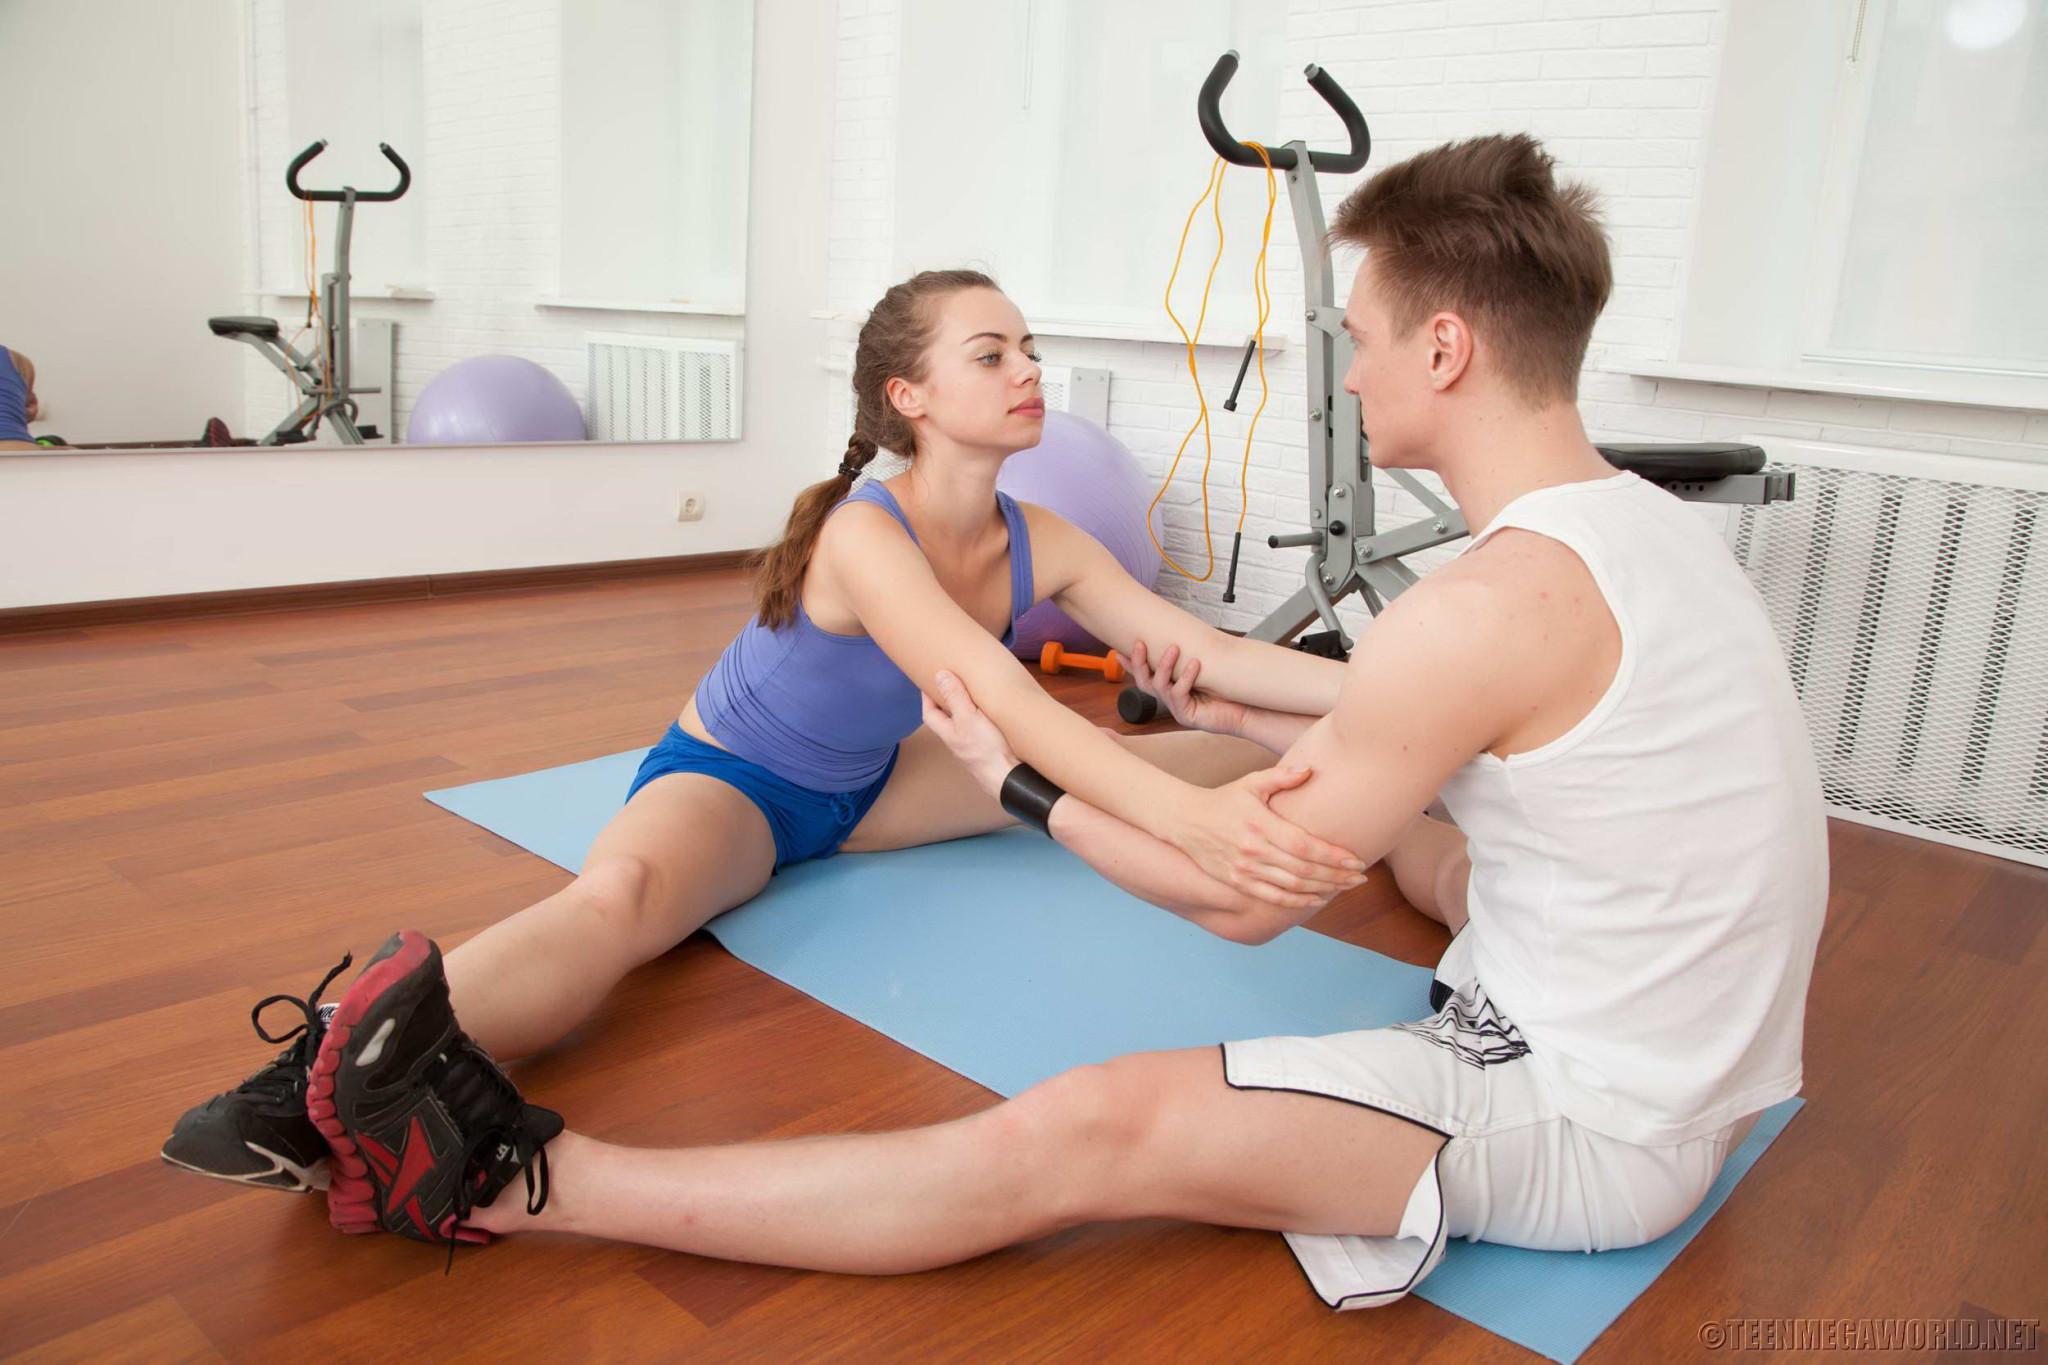 Девушка занимается спортом, но затем находит более интересное занятие в виде молодого человека